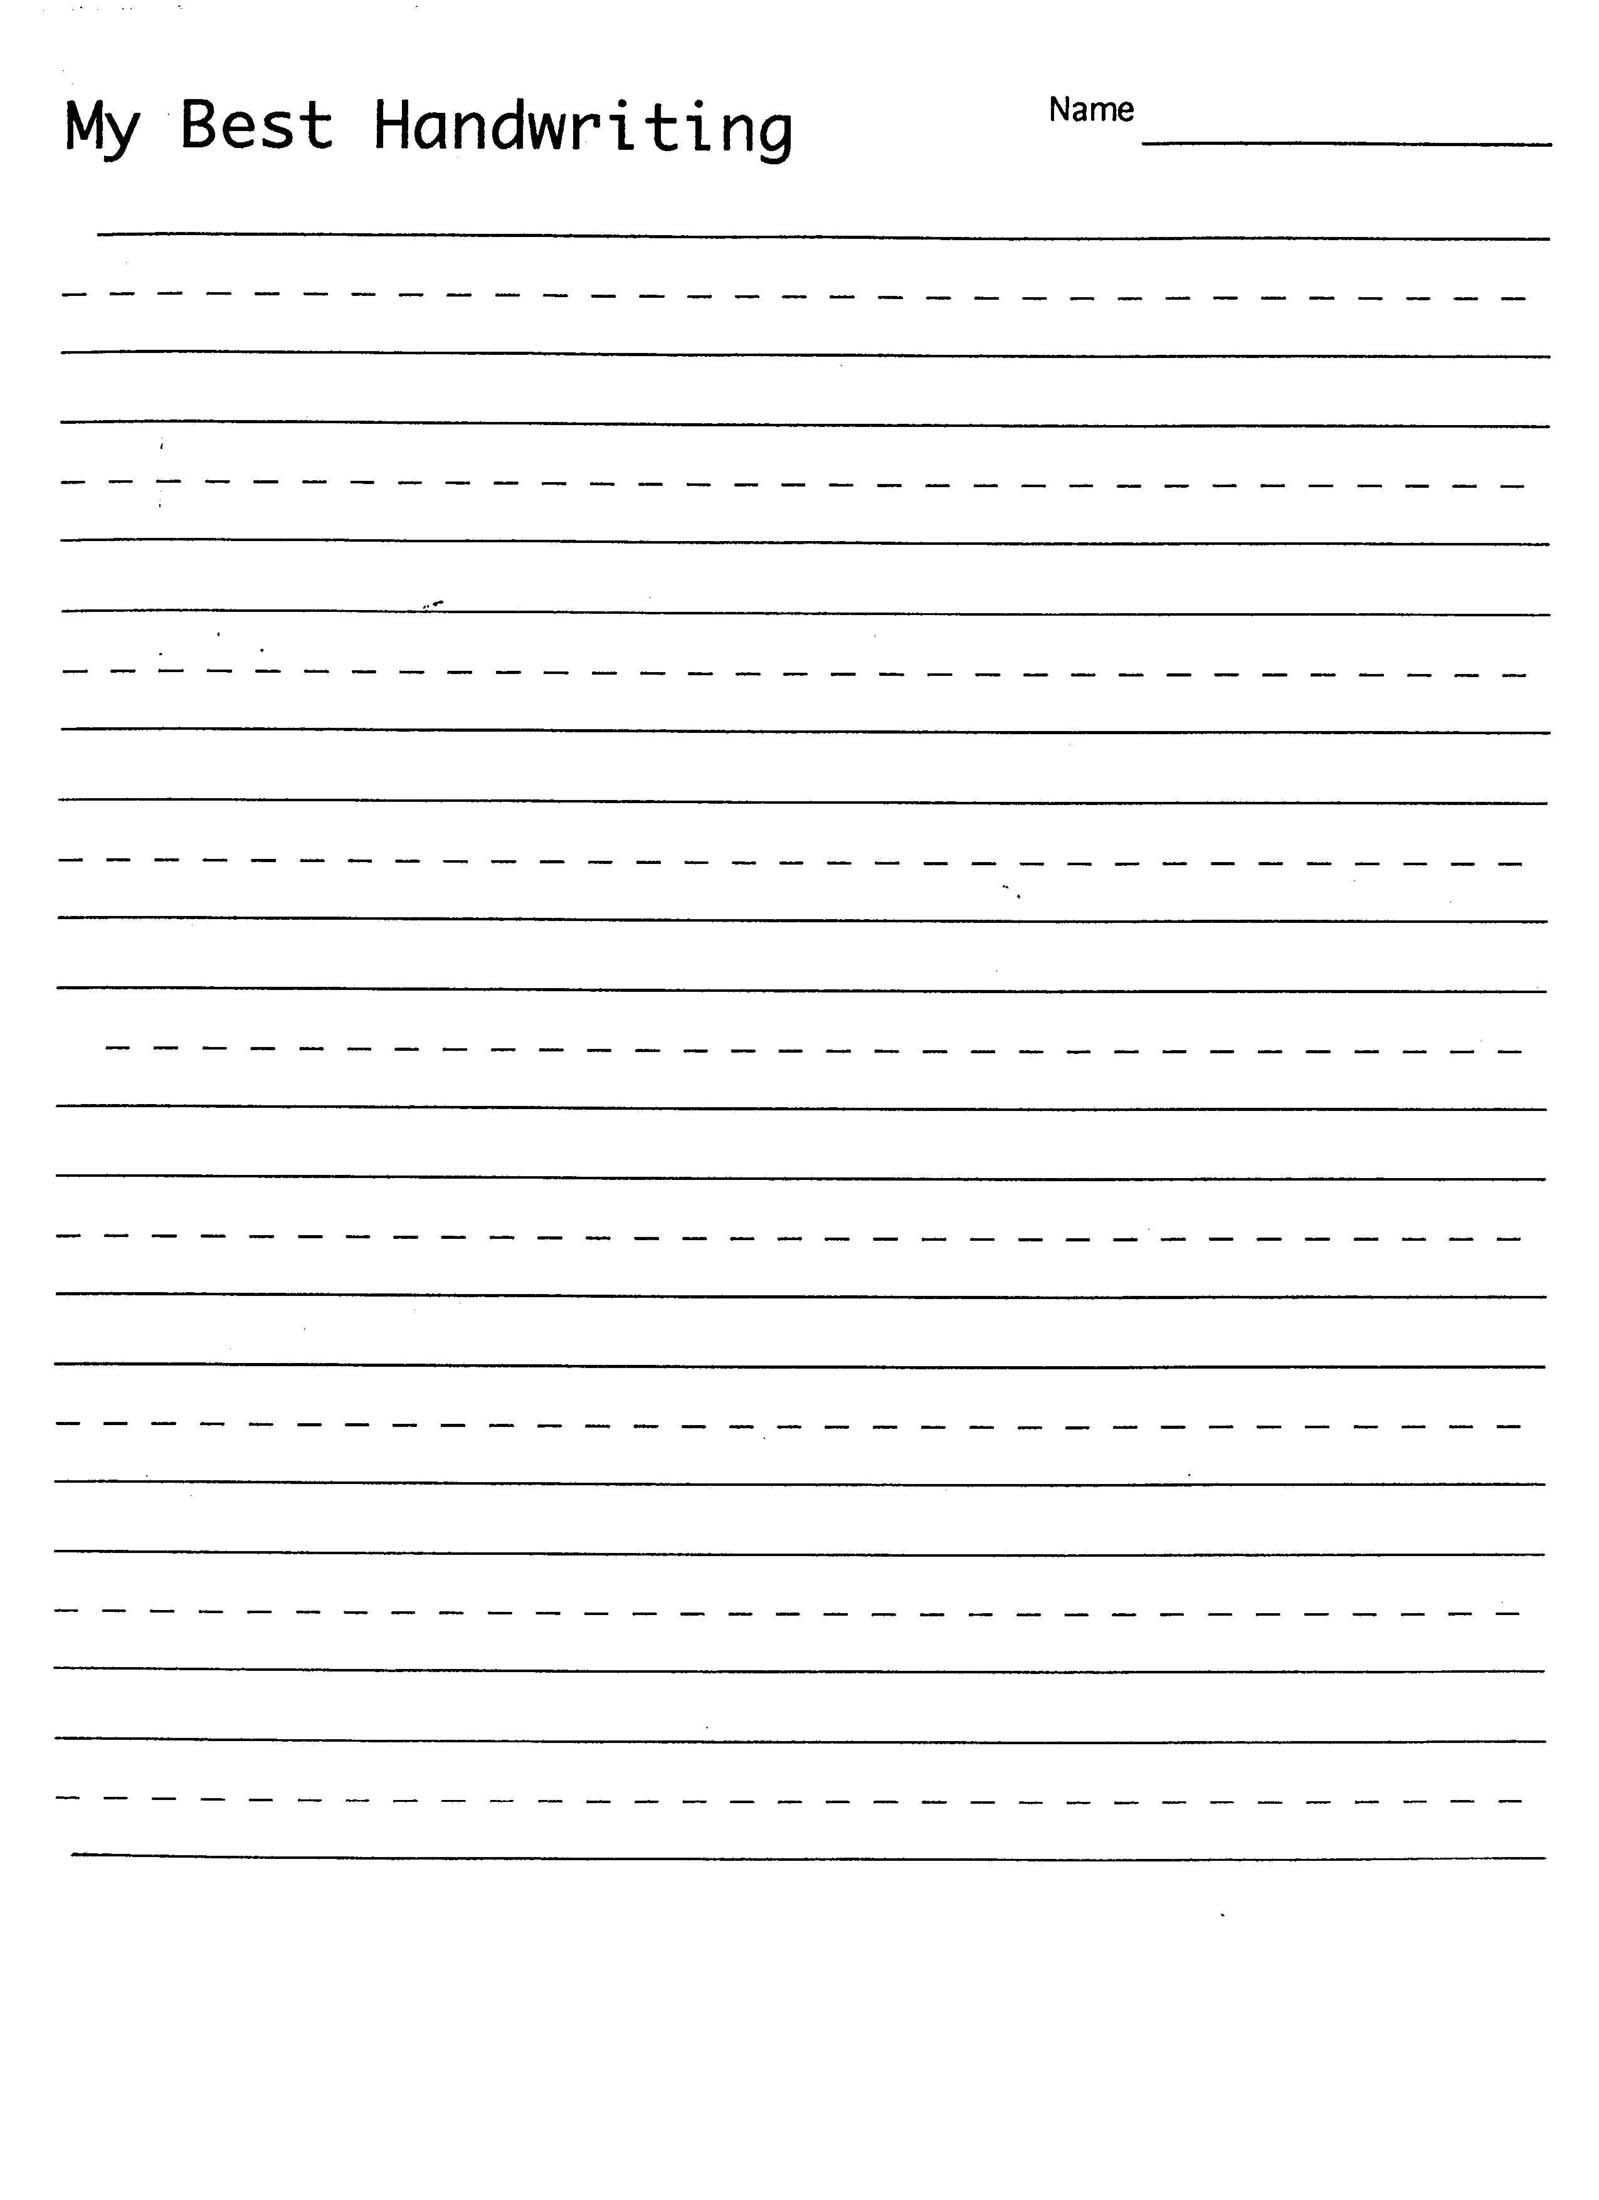 Blank Handwriting Practice Sheets - Koran.sticken.co | Free Printable Cursive Writing Sentences Worksheets